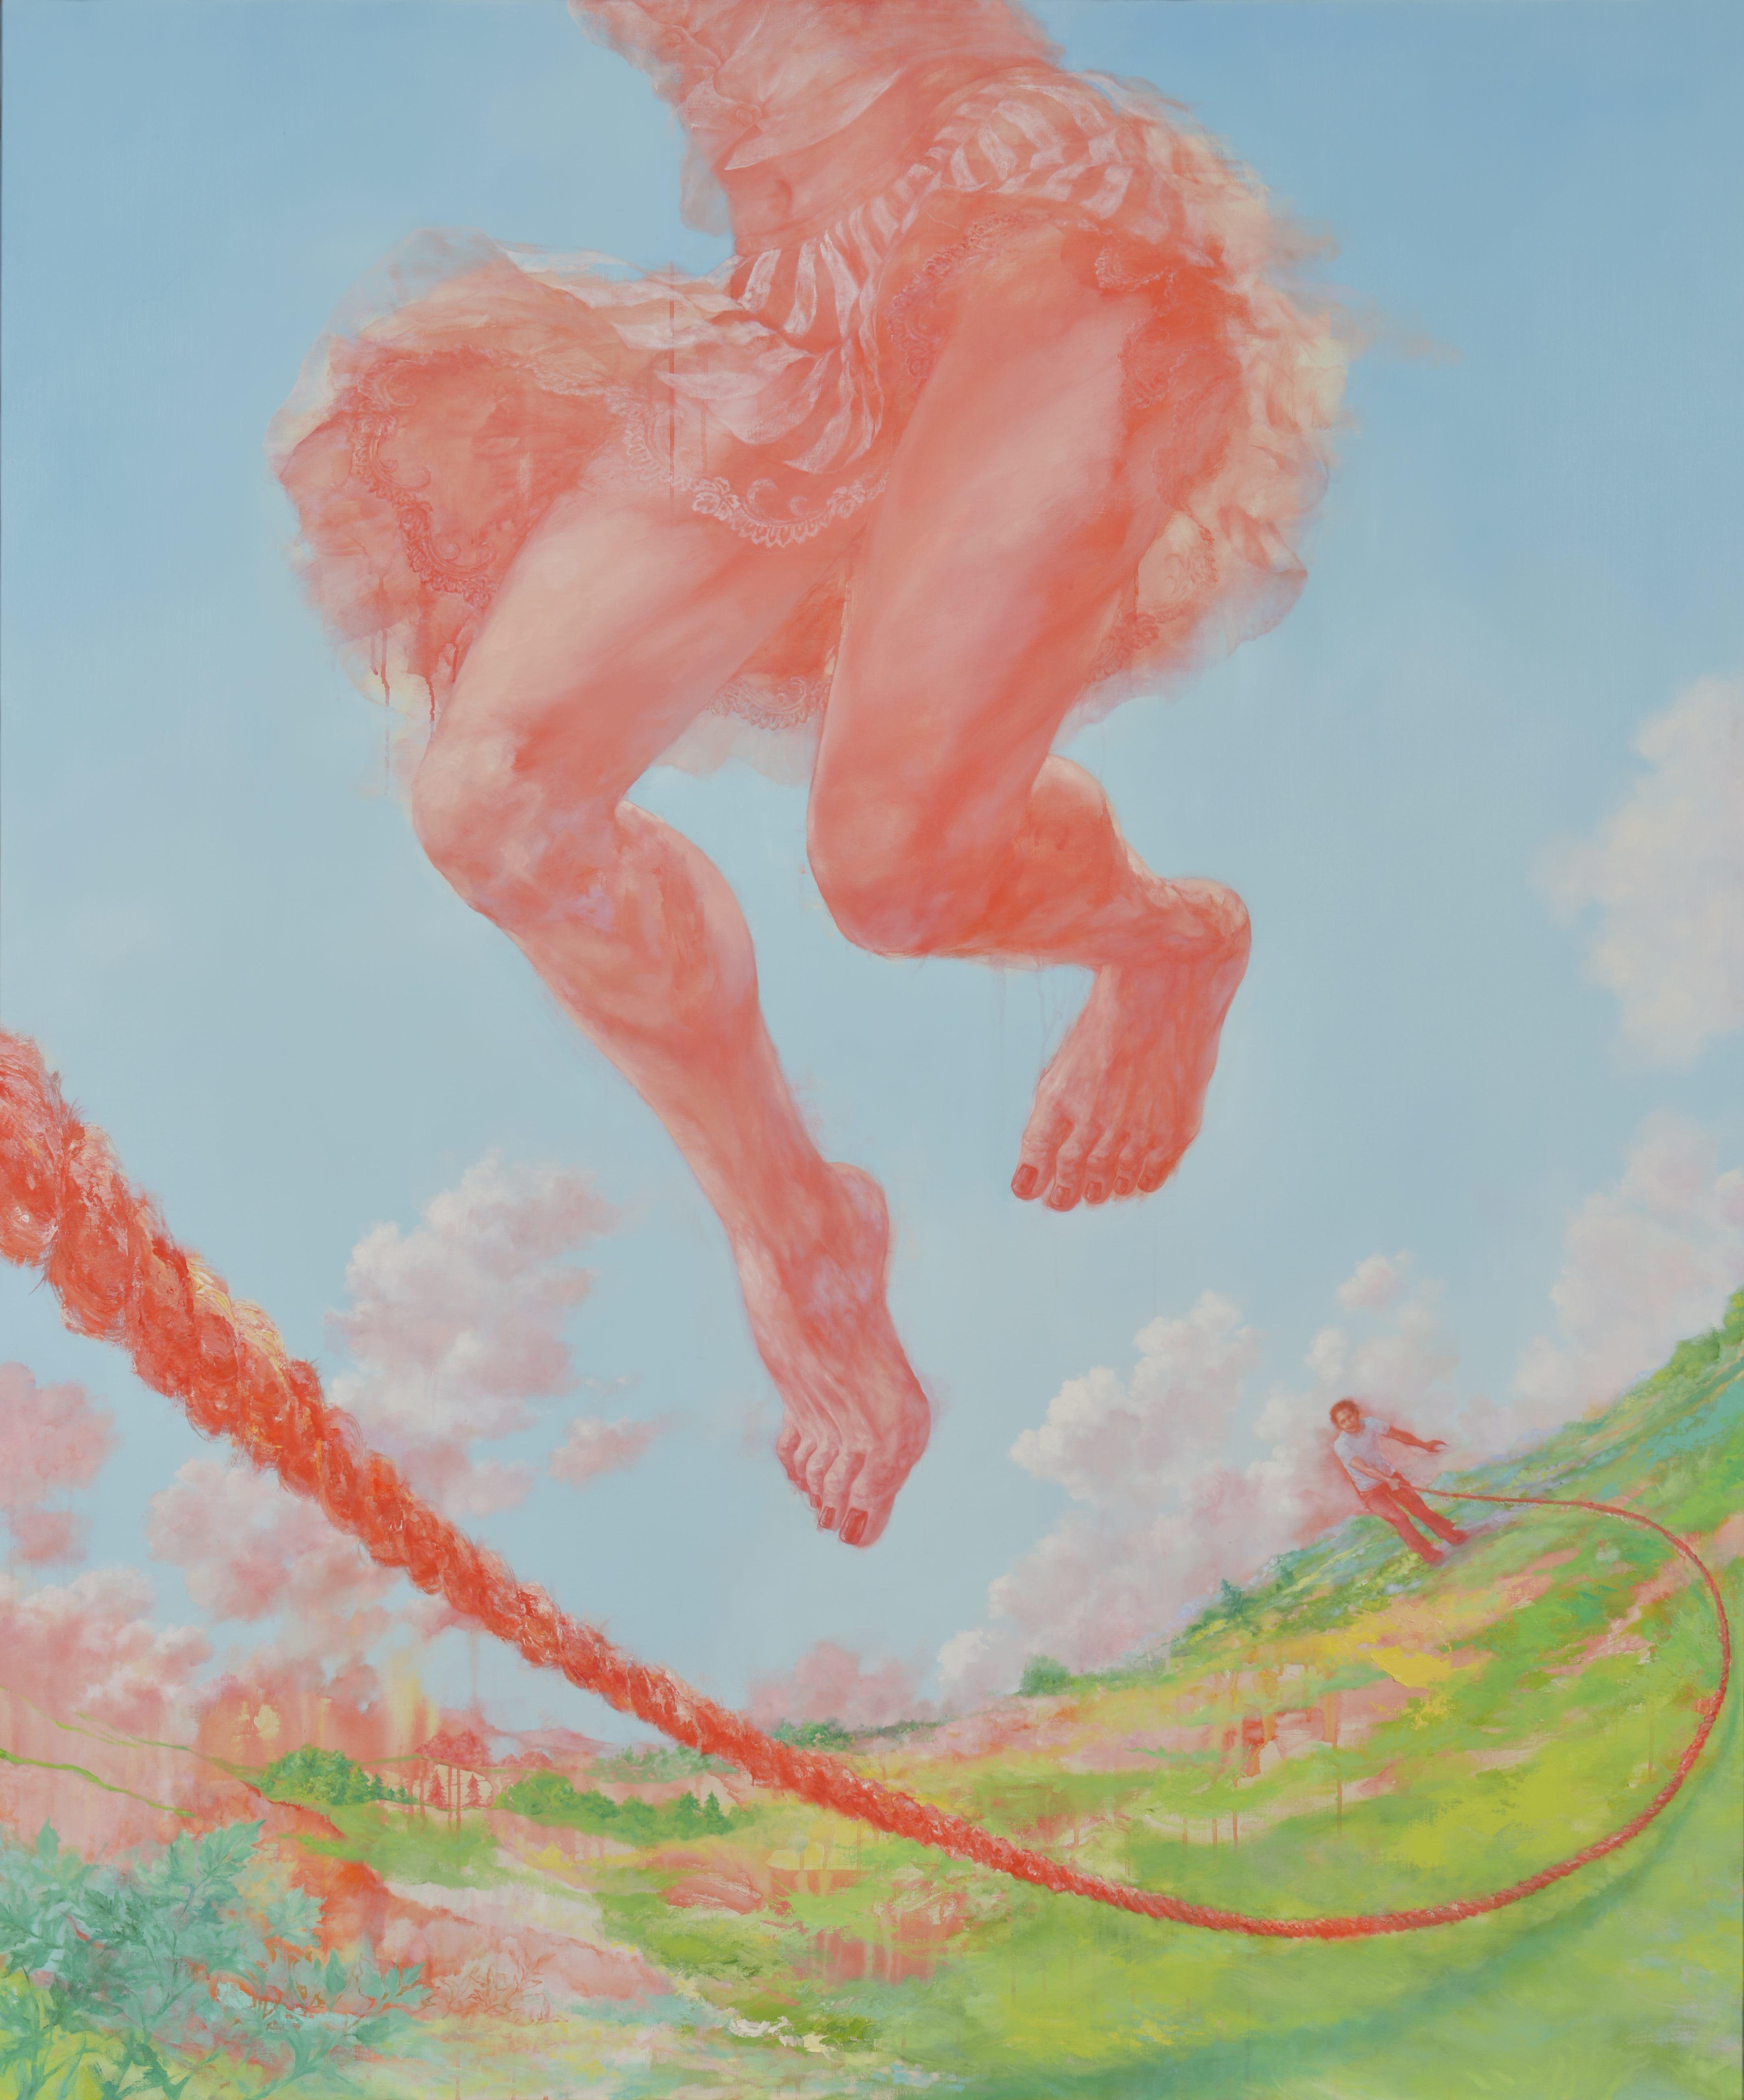 グランプリ 仙石 裕美 《それが来るたびに跳ぶ 降り立つ地面は跳ぶ前のそれとは異なっている》 2017年 アクリル・油彩・キャンバス